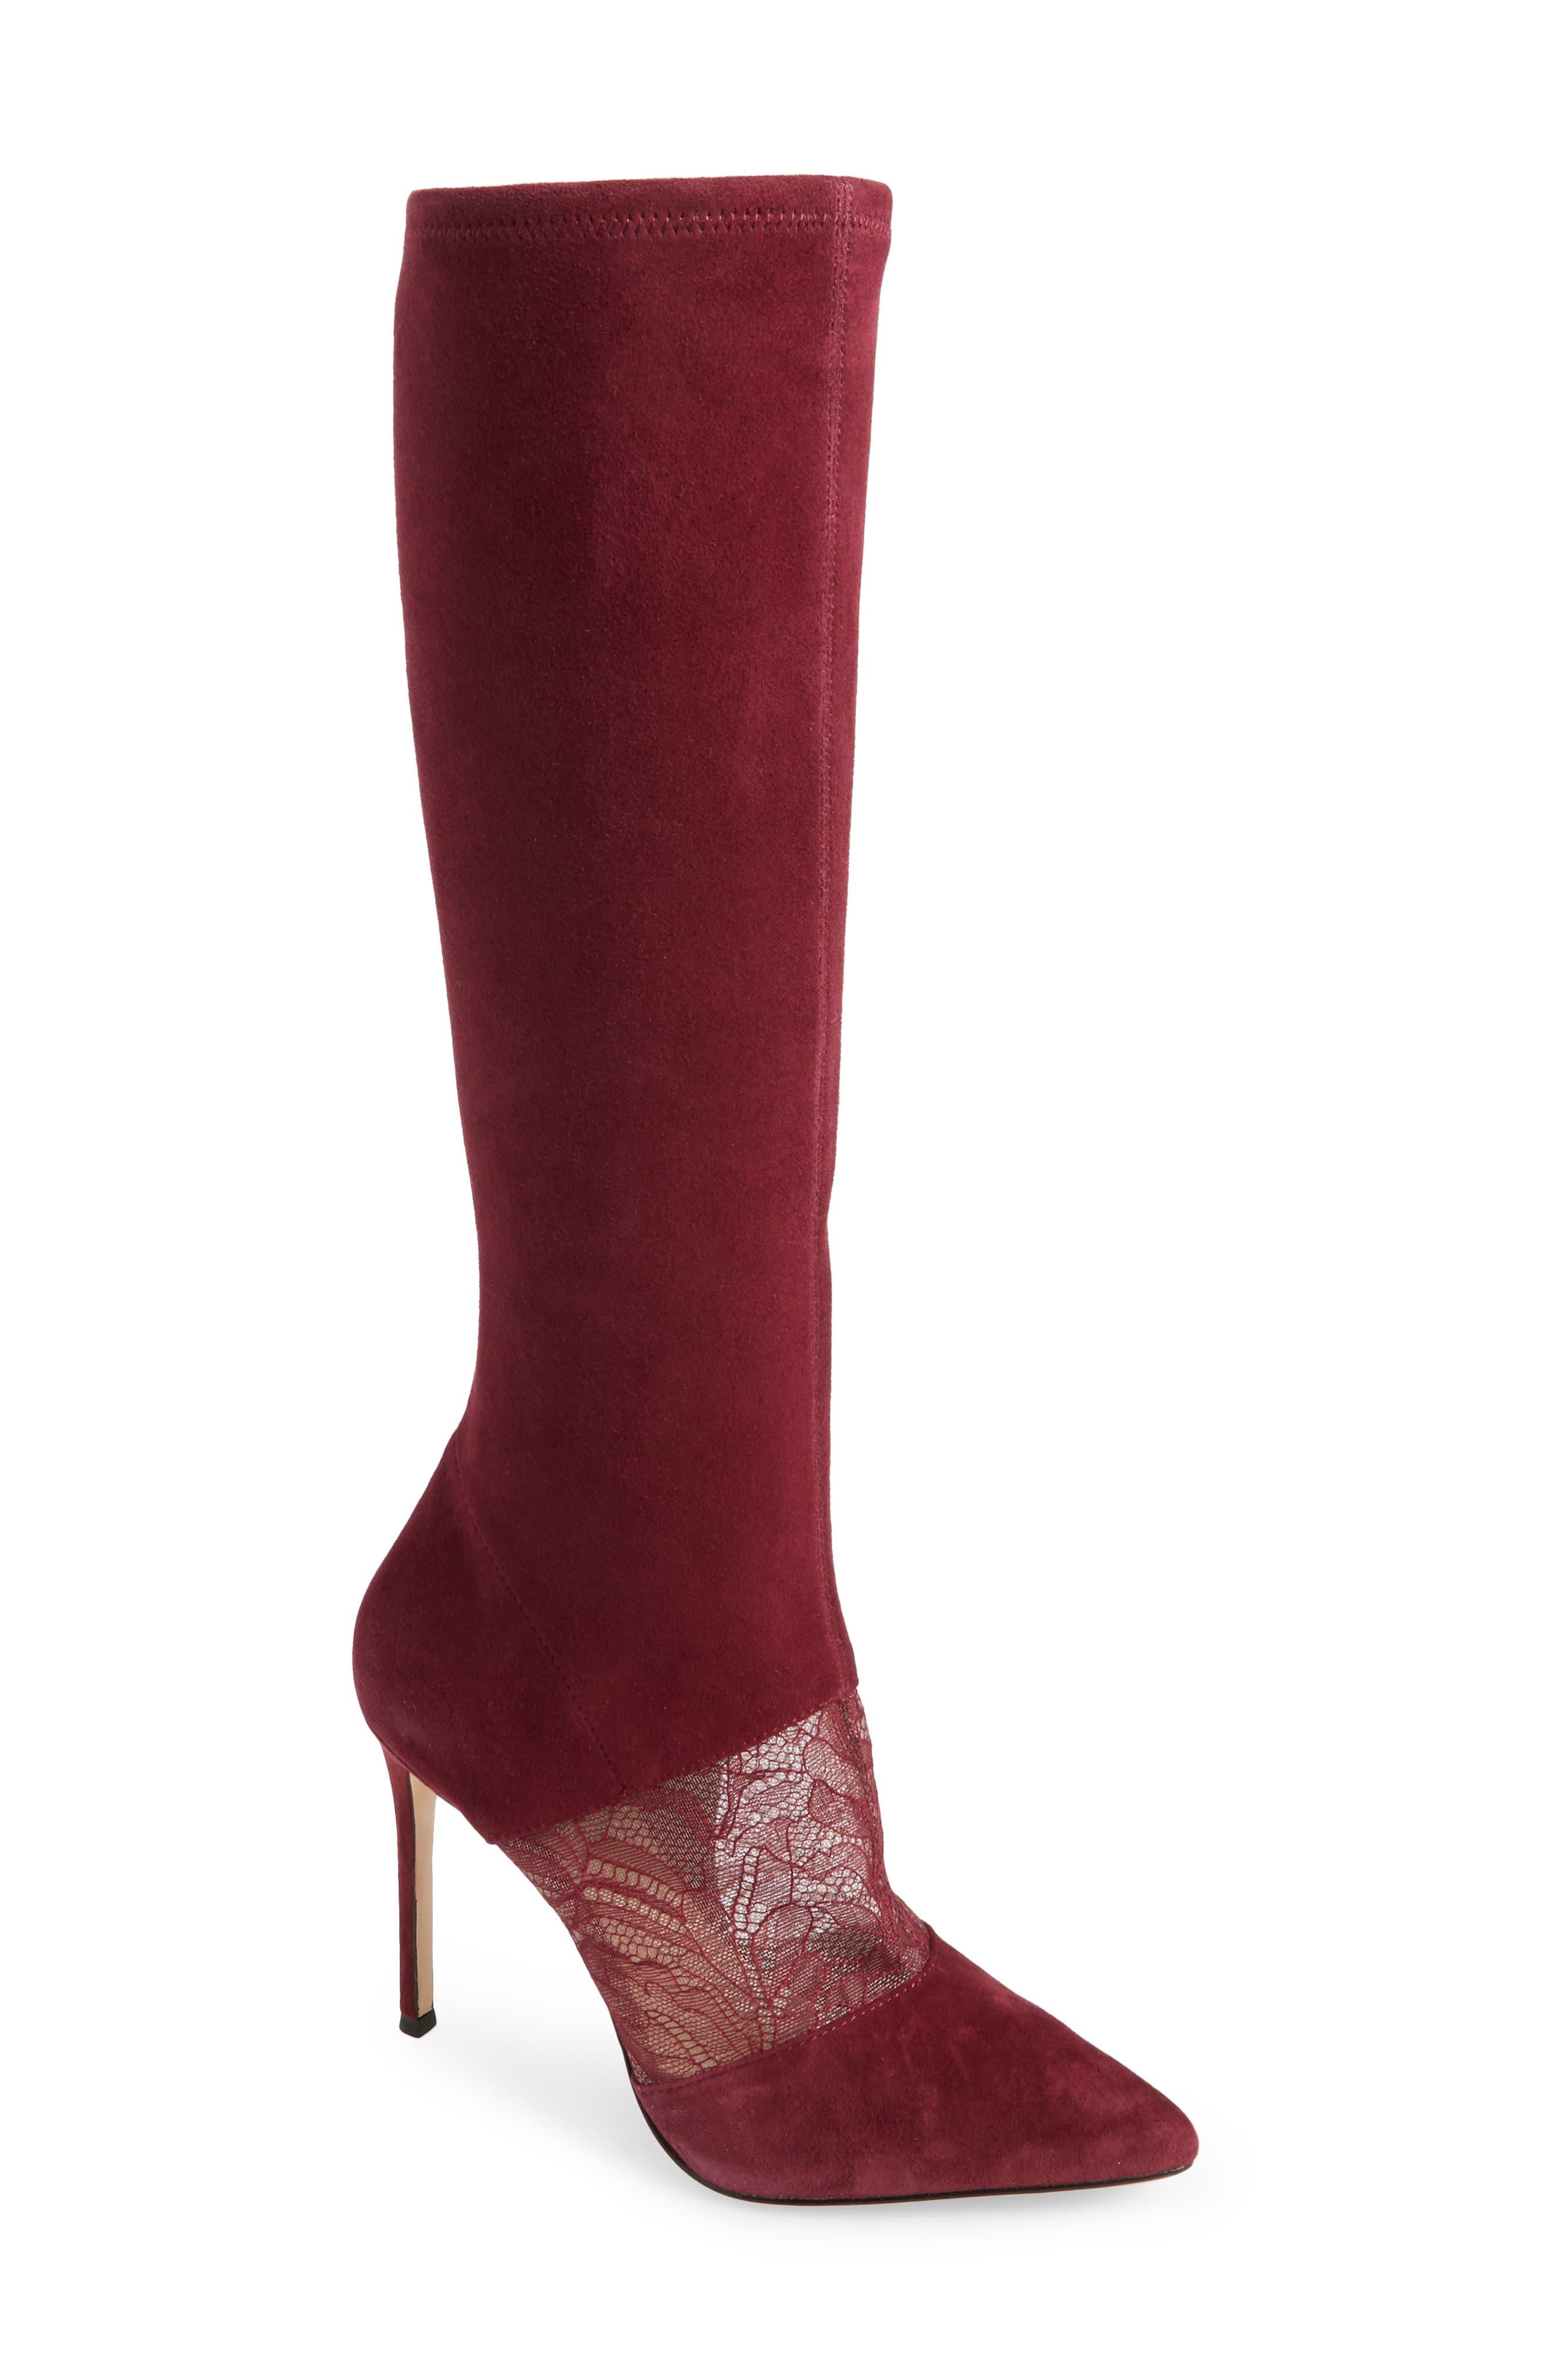 Main Image - Pour la Victoire Ceri Boot (Women)